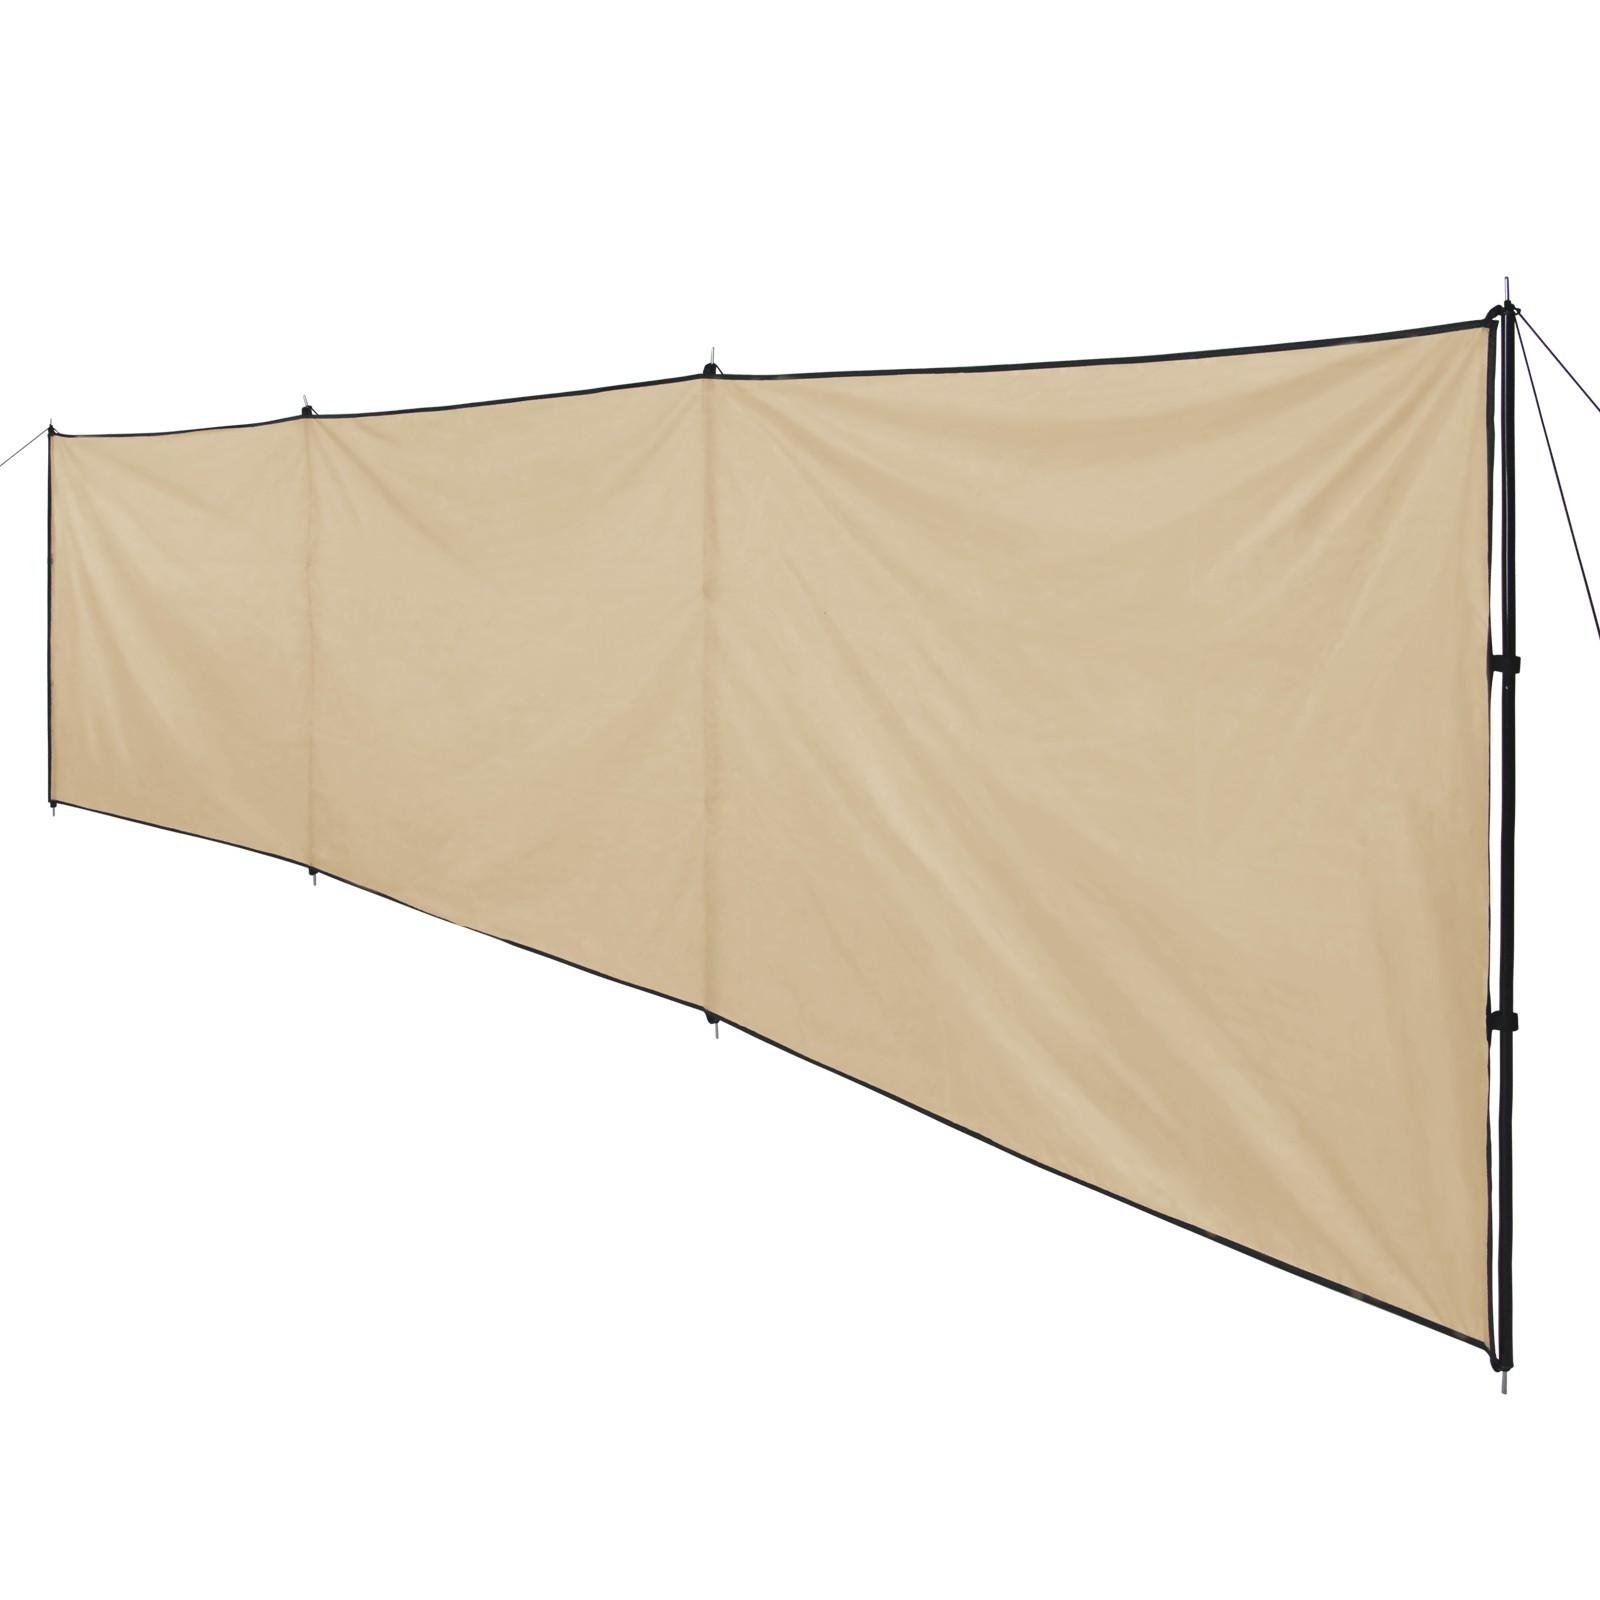 Windschutz Sichtschutz WINDERMERE 500 x 140 cm Camping